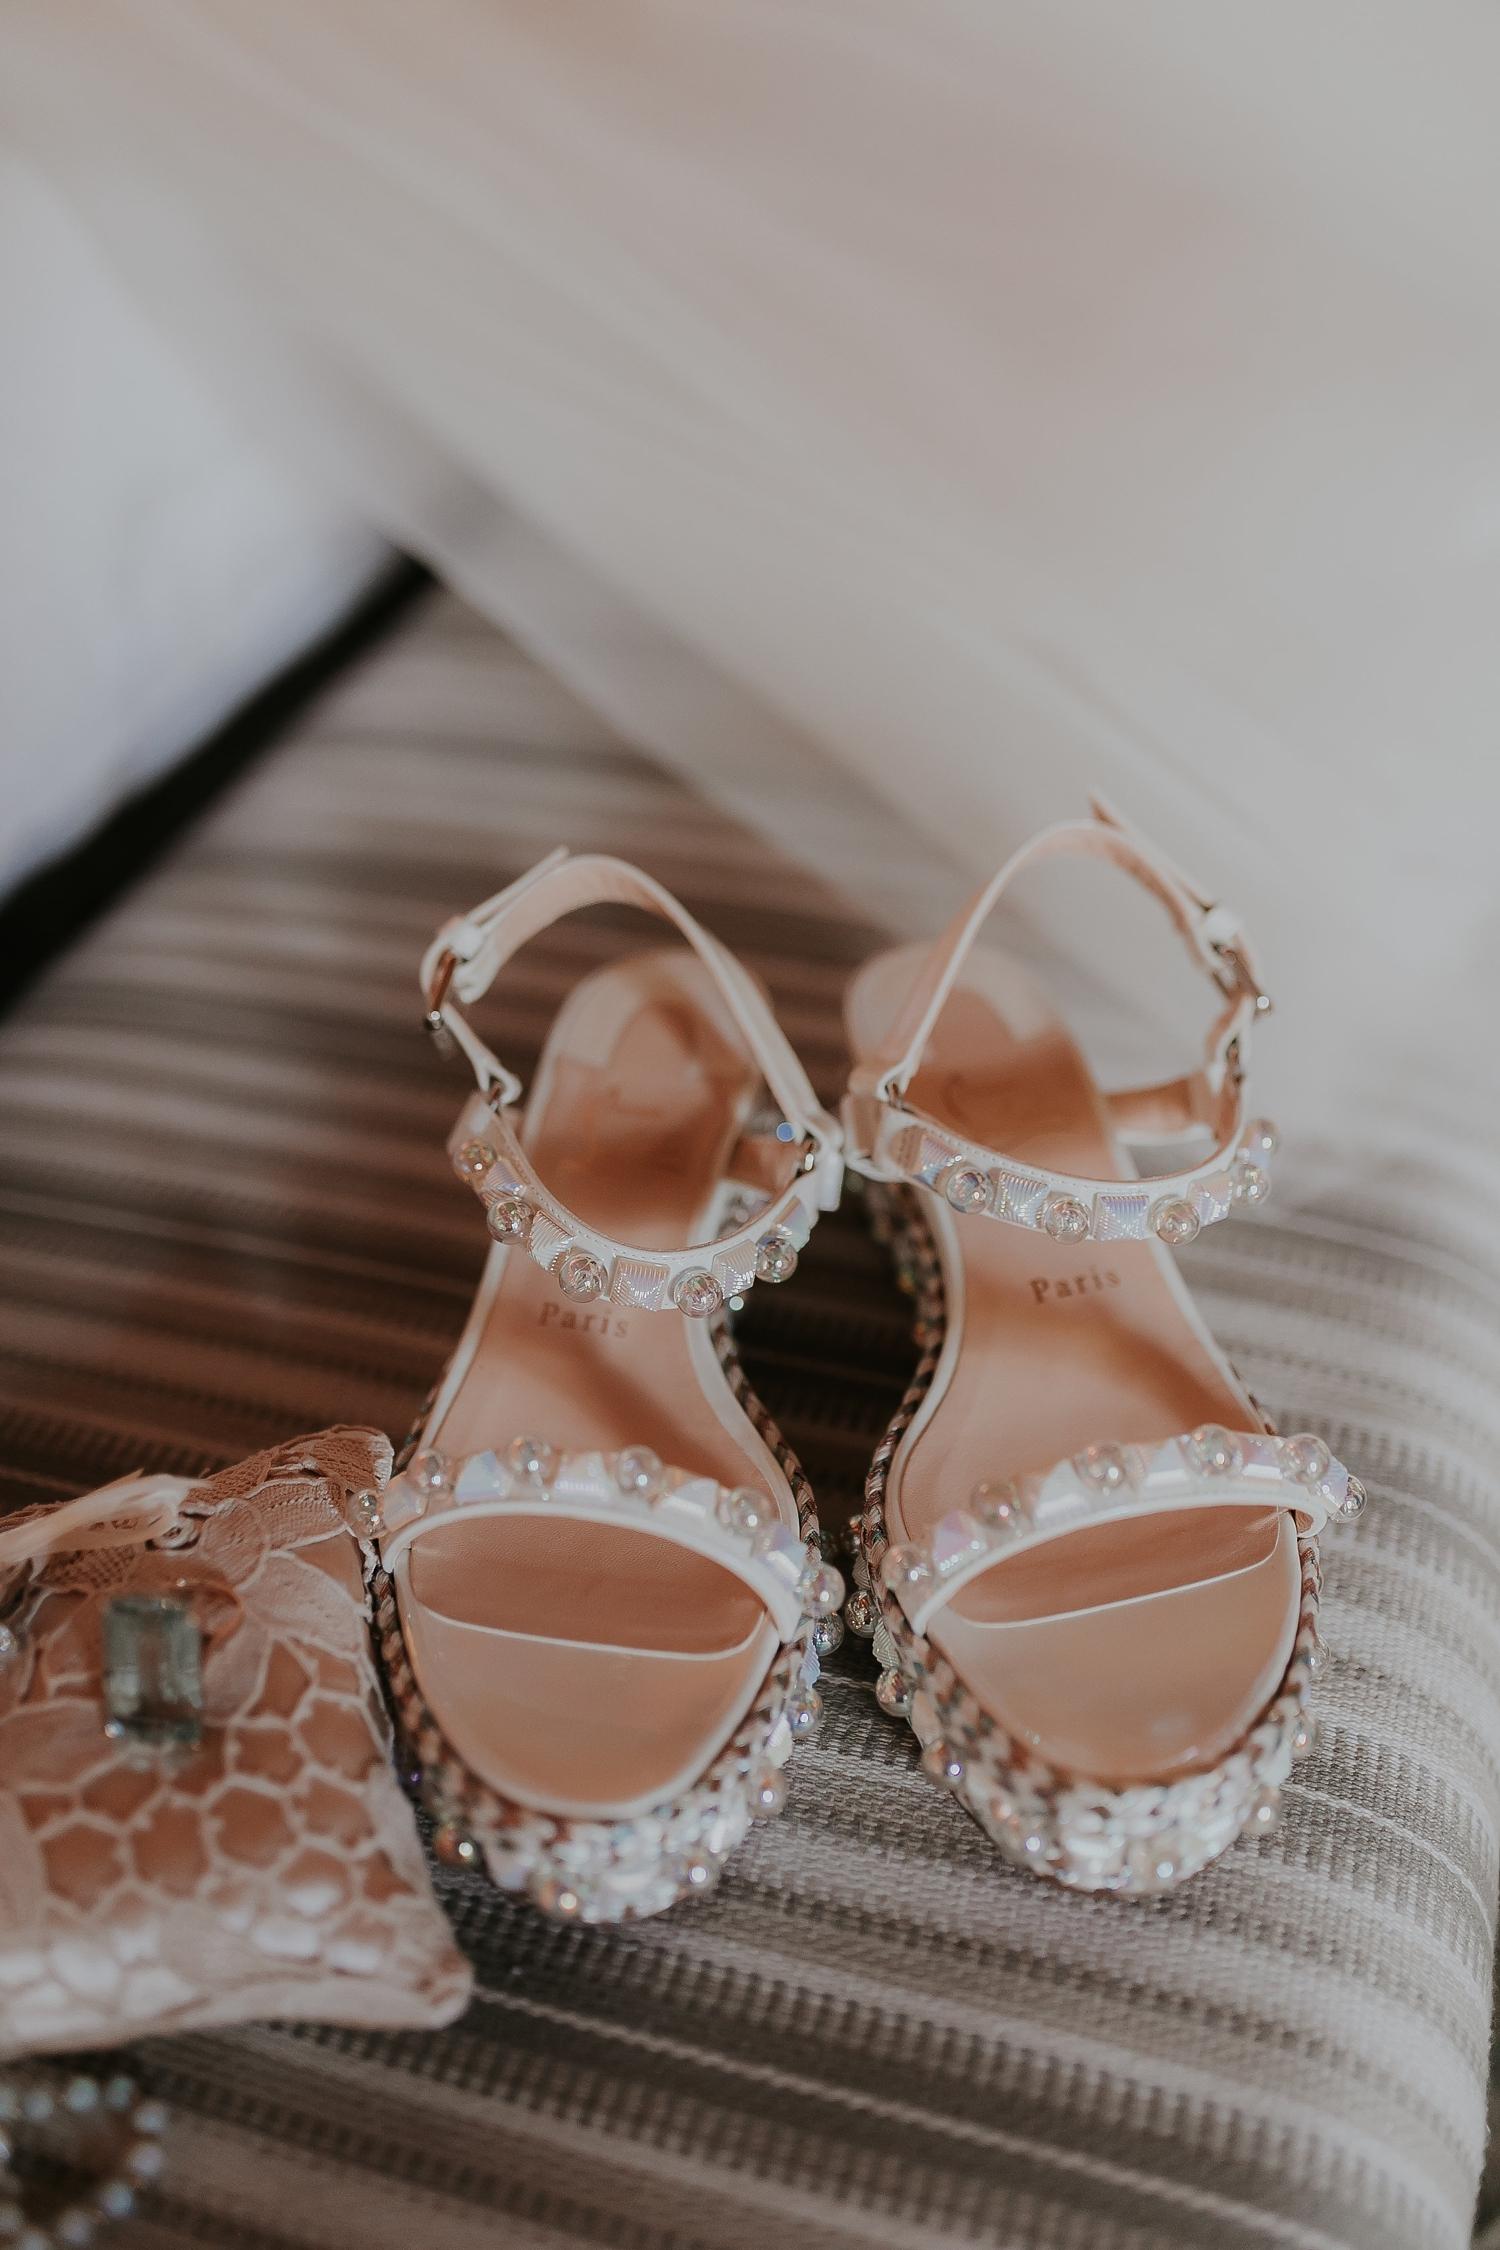 Alicia+lucia+photography+-+albuquerque+wedding+photographer+-+santa+fe+wedding+photography+-+new+mexico+wedding+photographer+-+wedding+bridal+shoe+-+wedding+style+edit_0028.jpg